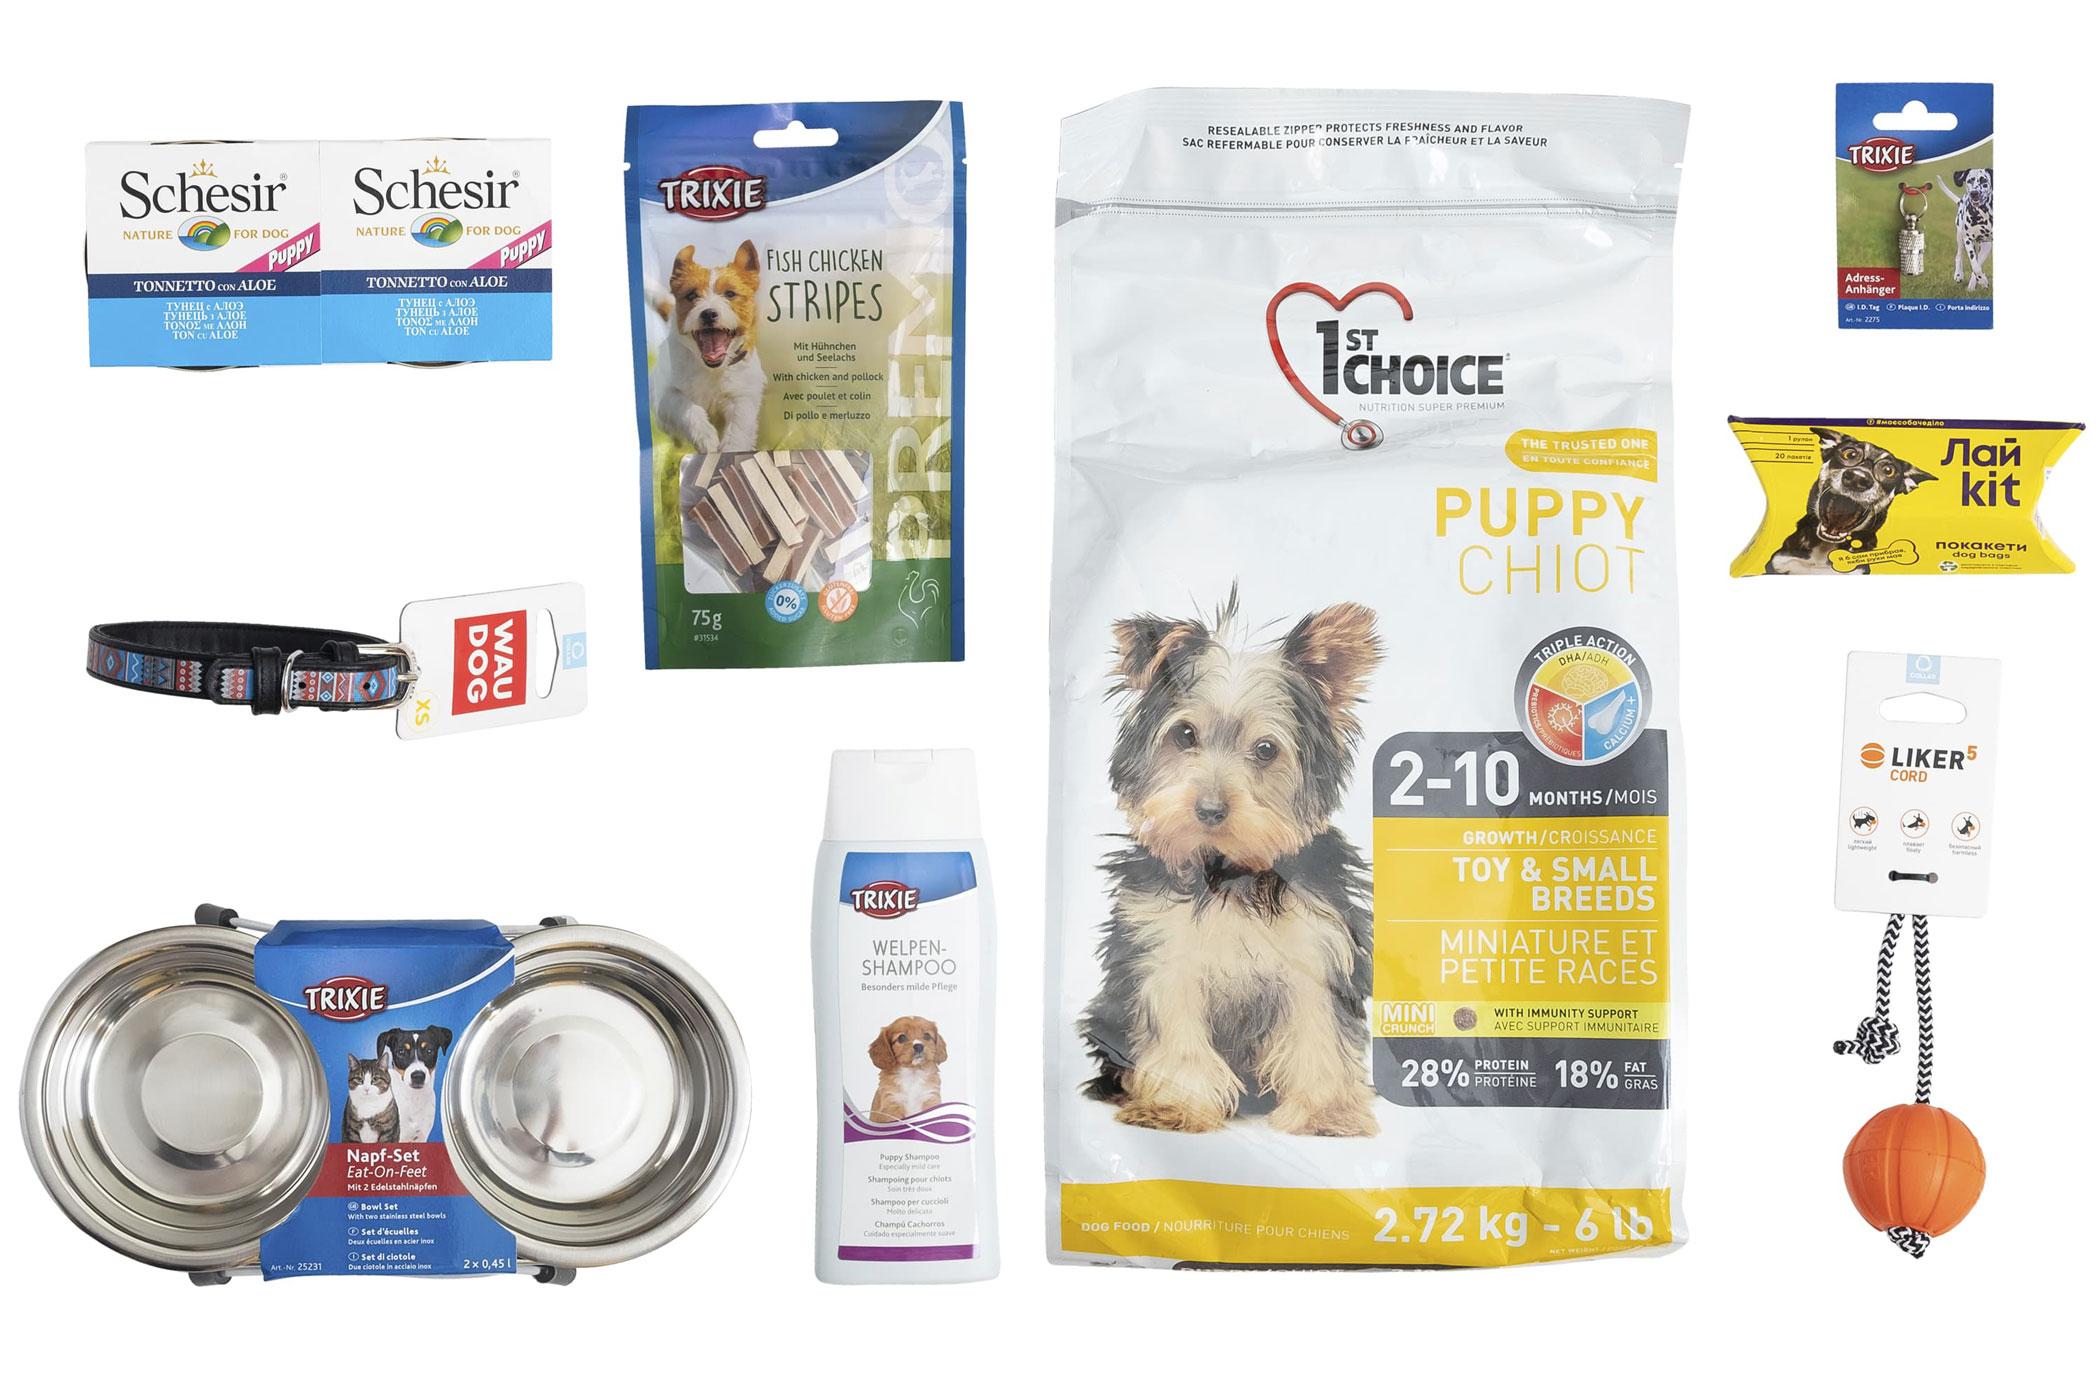 1st Choice Puppy Chiot  – Стартовый набор для щенков маленьких и миниатюрных пород